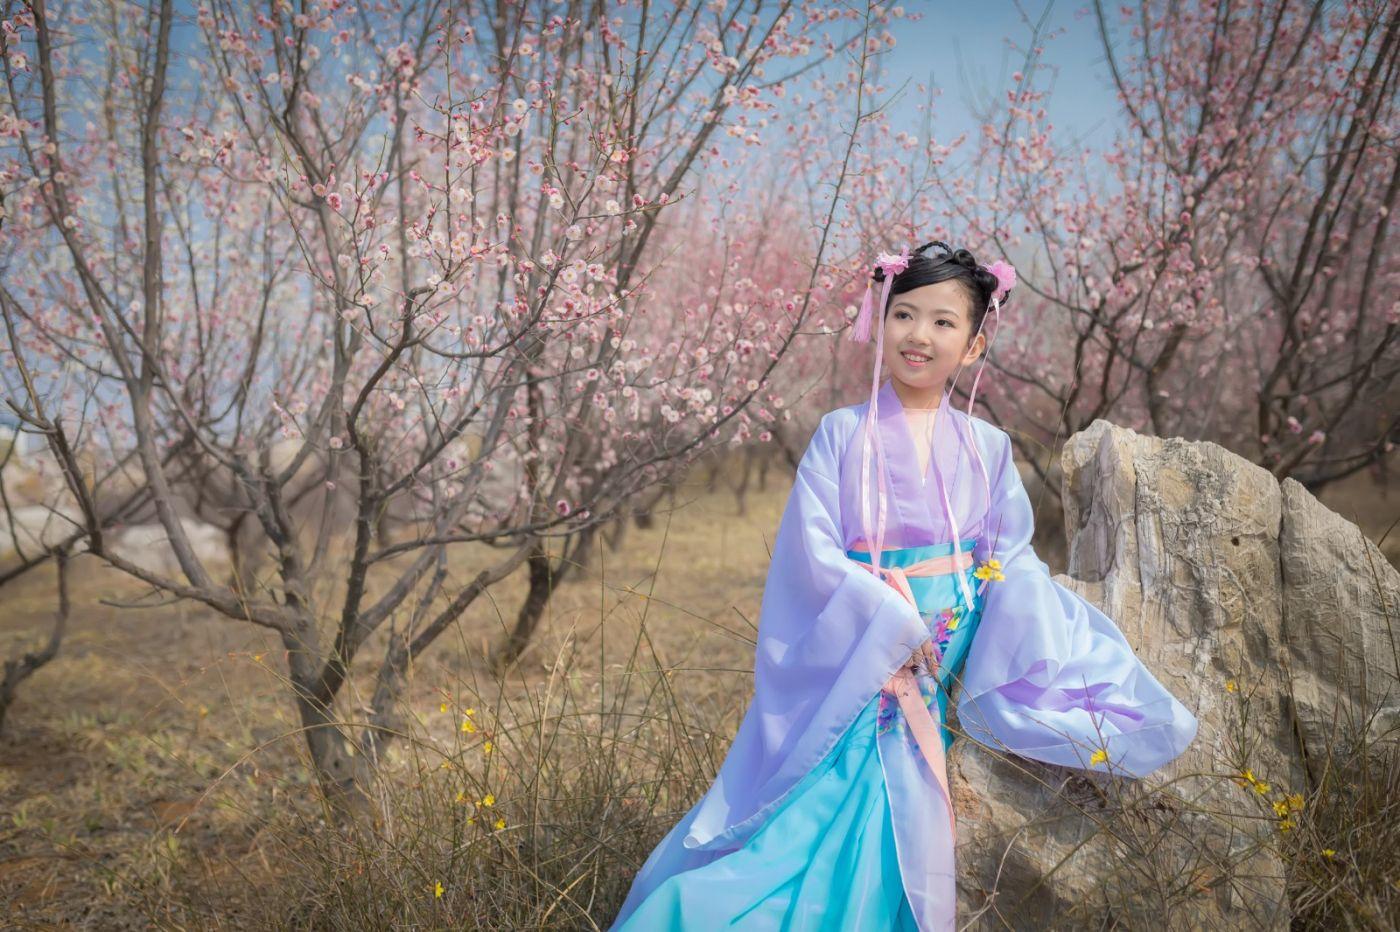 翟家小妮翟雅慧之春到梅园 花儿与少年系列 梅园尽显中国风_图1-26